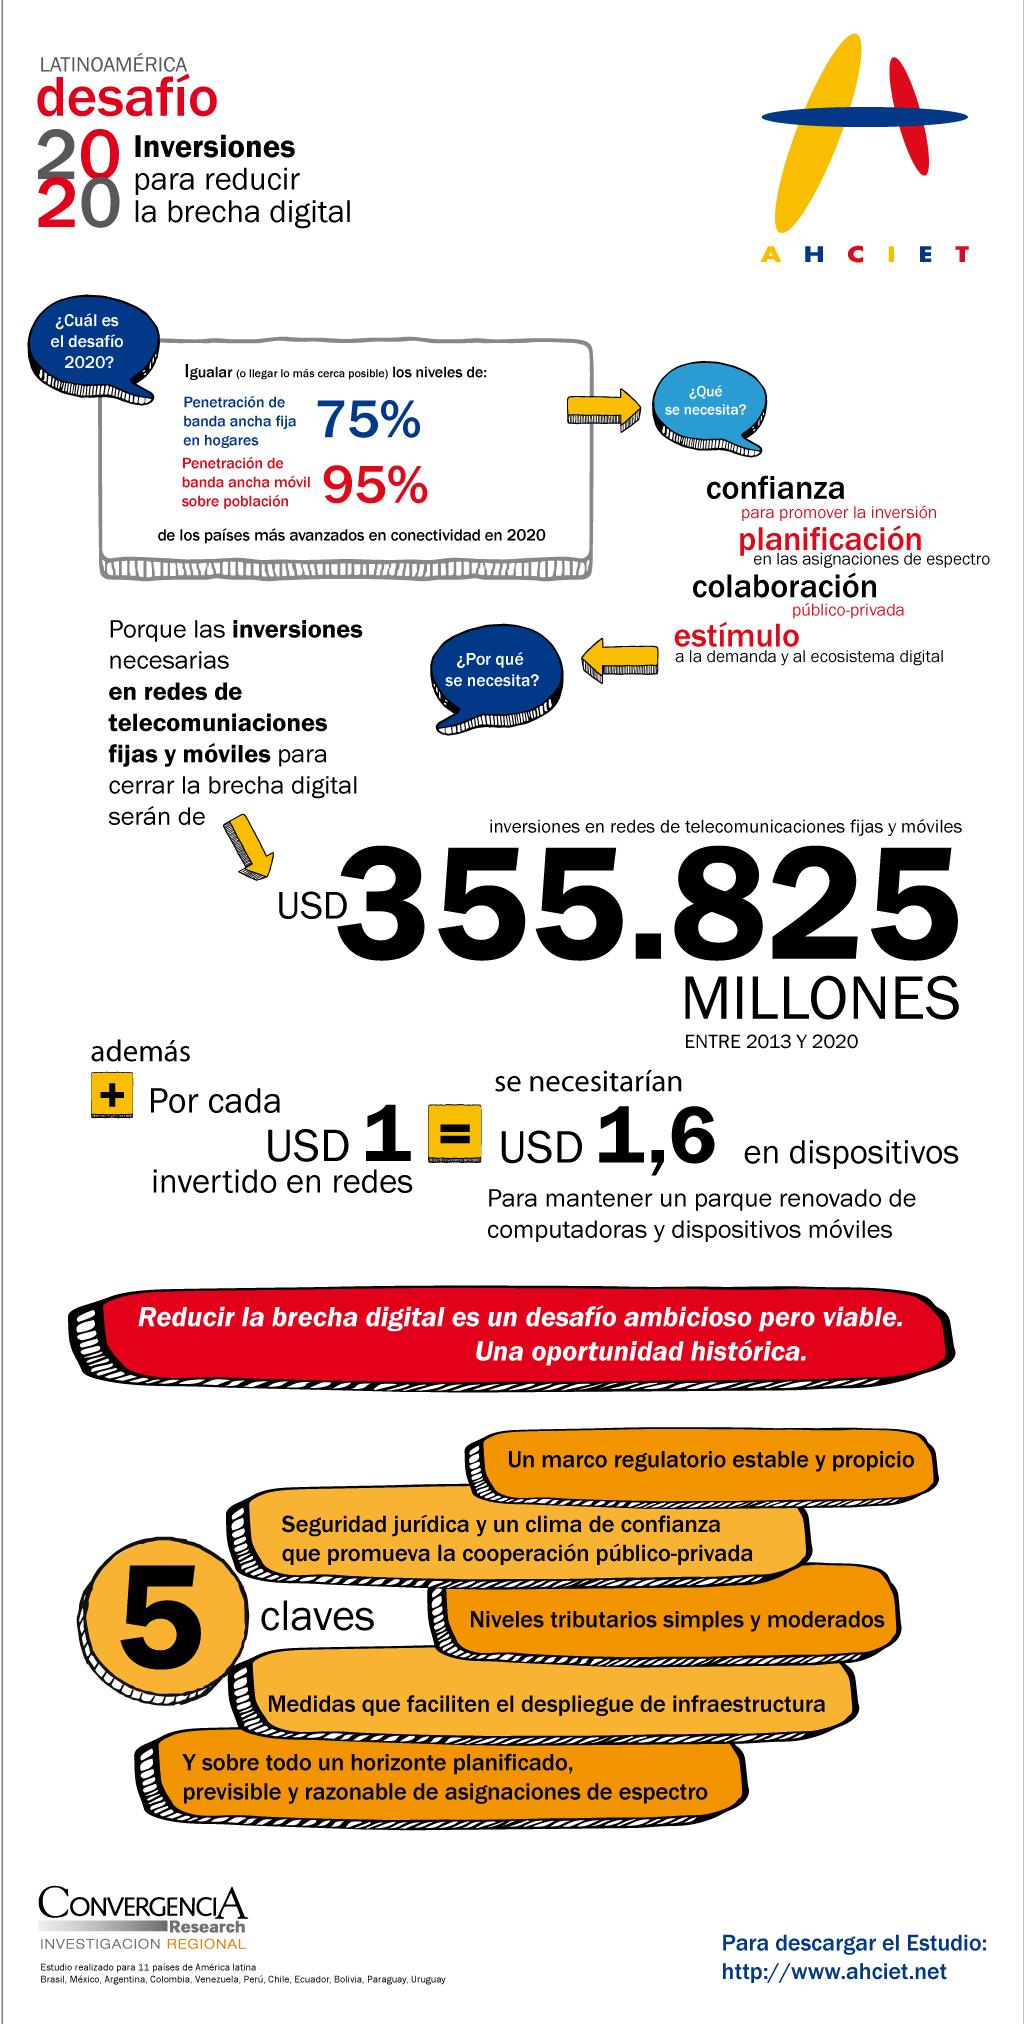 infografía-desafio-2020-v2-ok-diciembre-2013